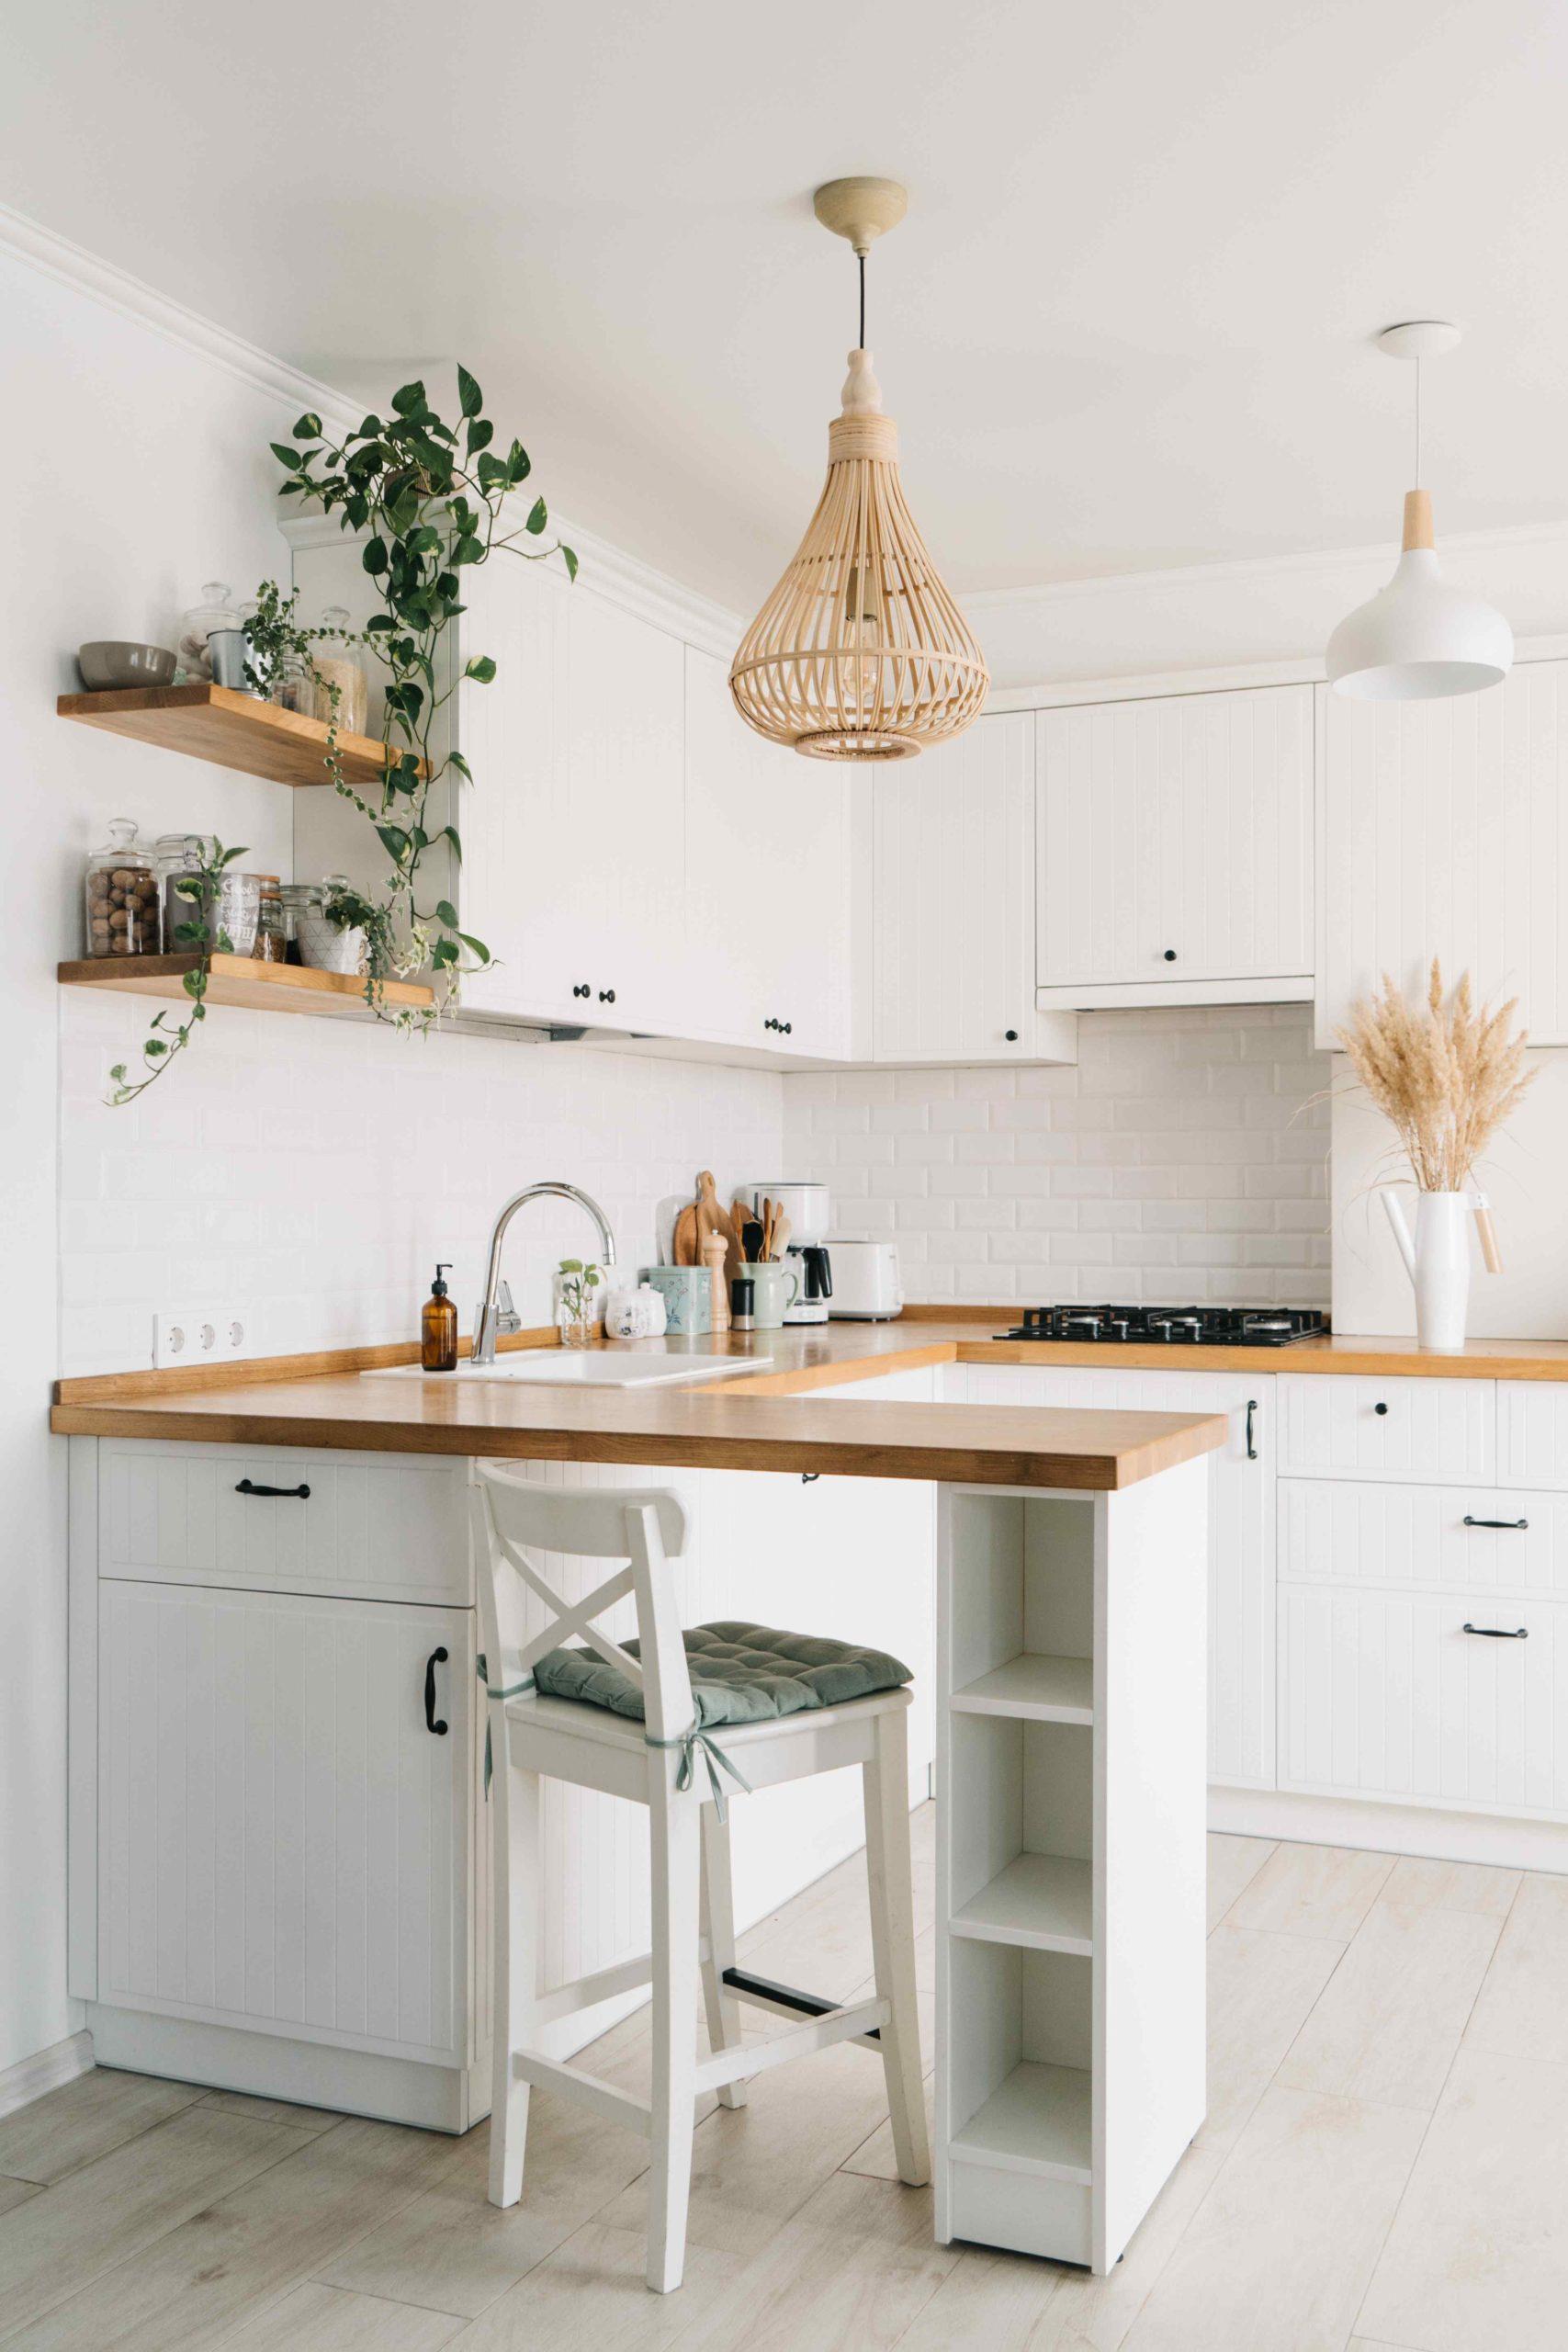 Bílá kuchyň s dřevěnou pracovní doskou